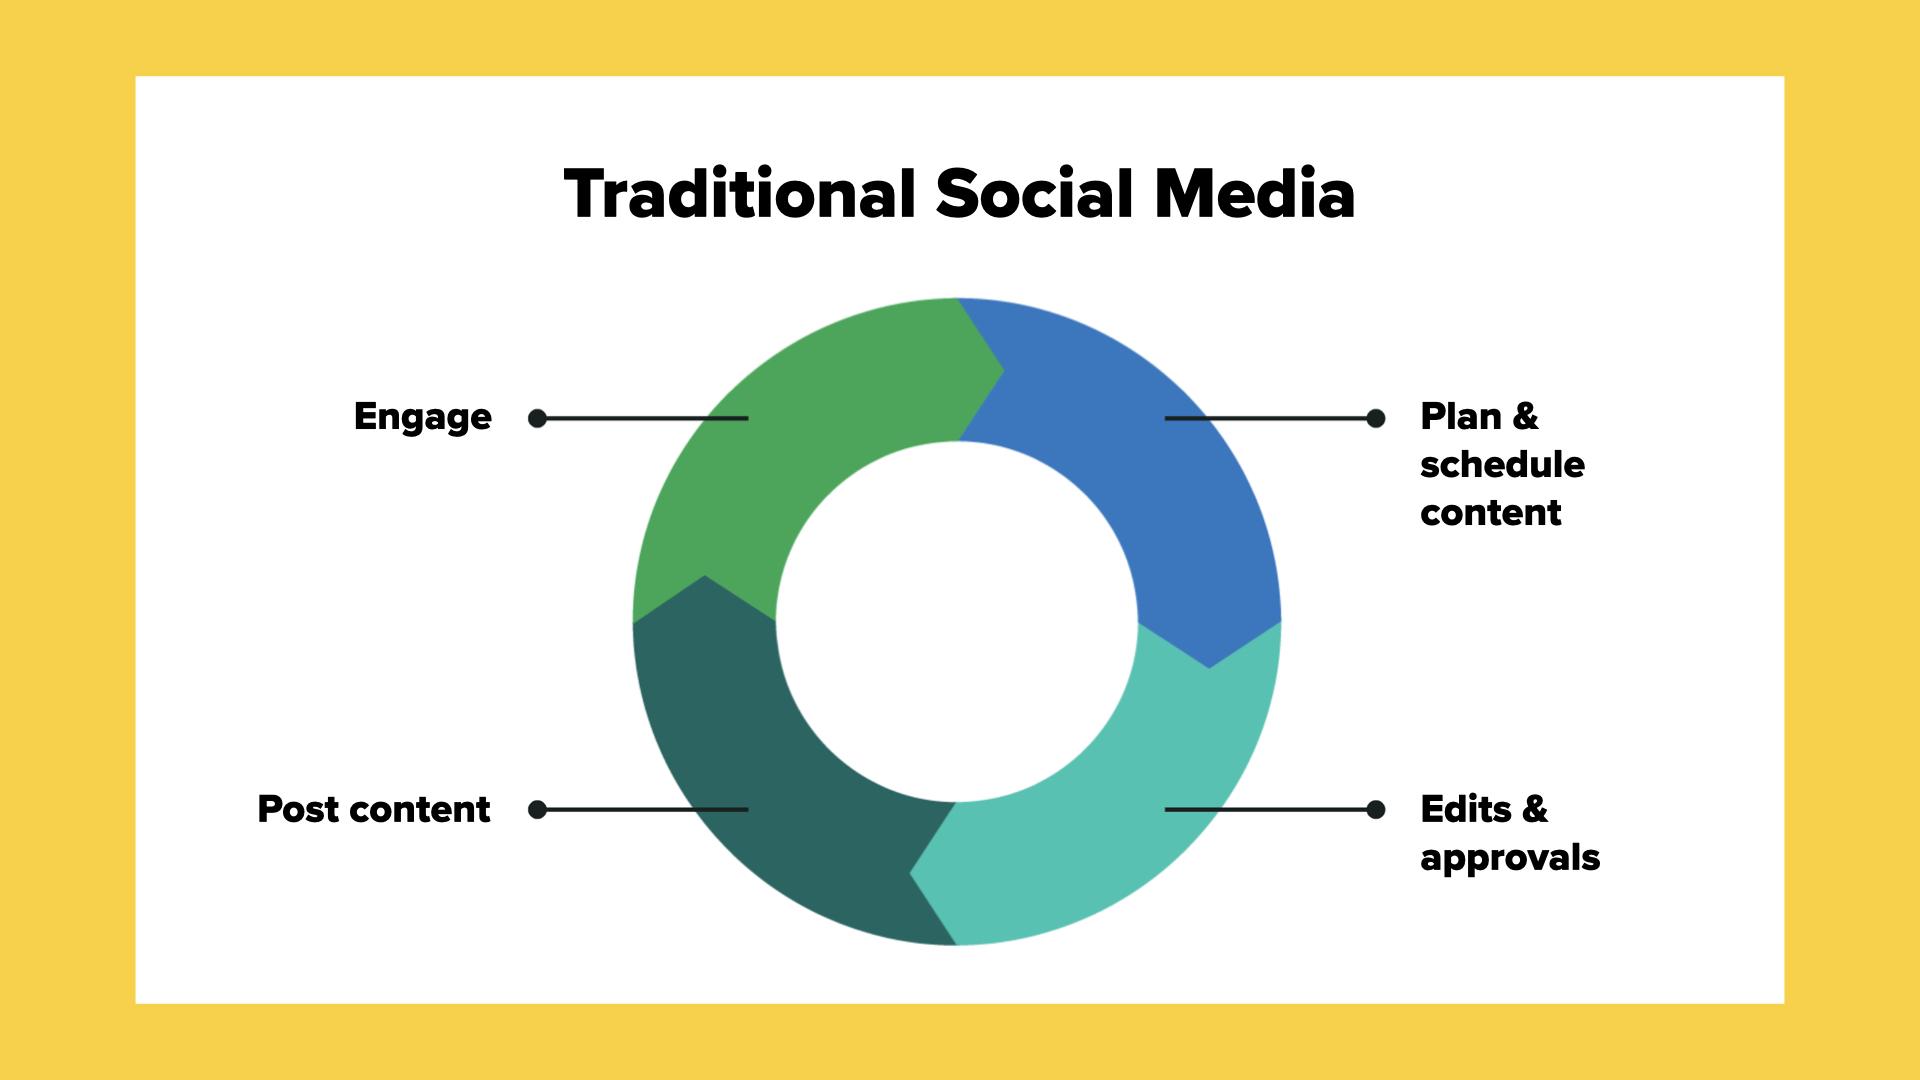 Un diagrama de flechas cíclico que muestra las redes sociales tradicionales para: planificar y programar contenido, editar y buscar aprobación, publicar contenido, participar